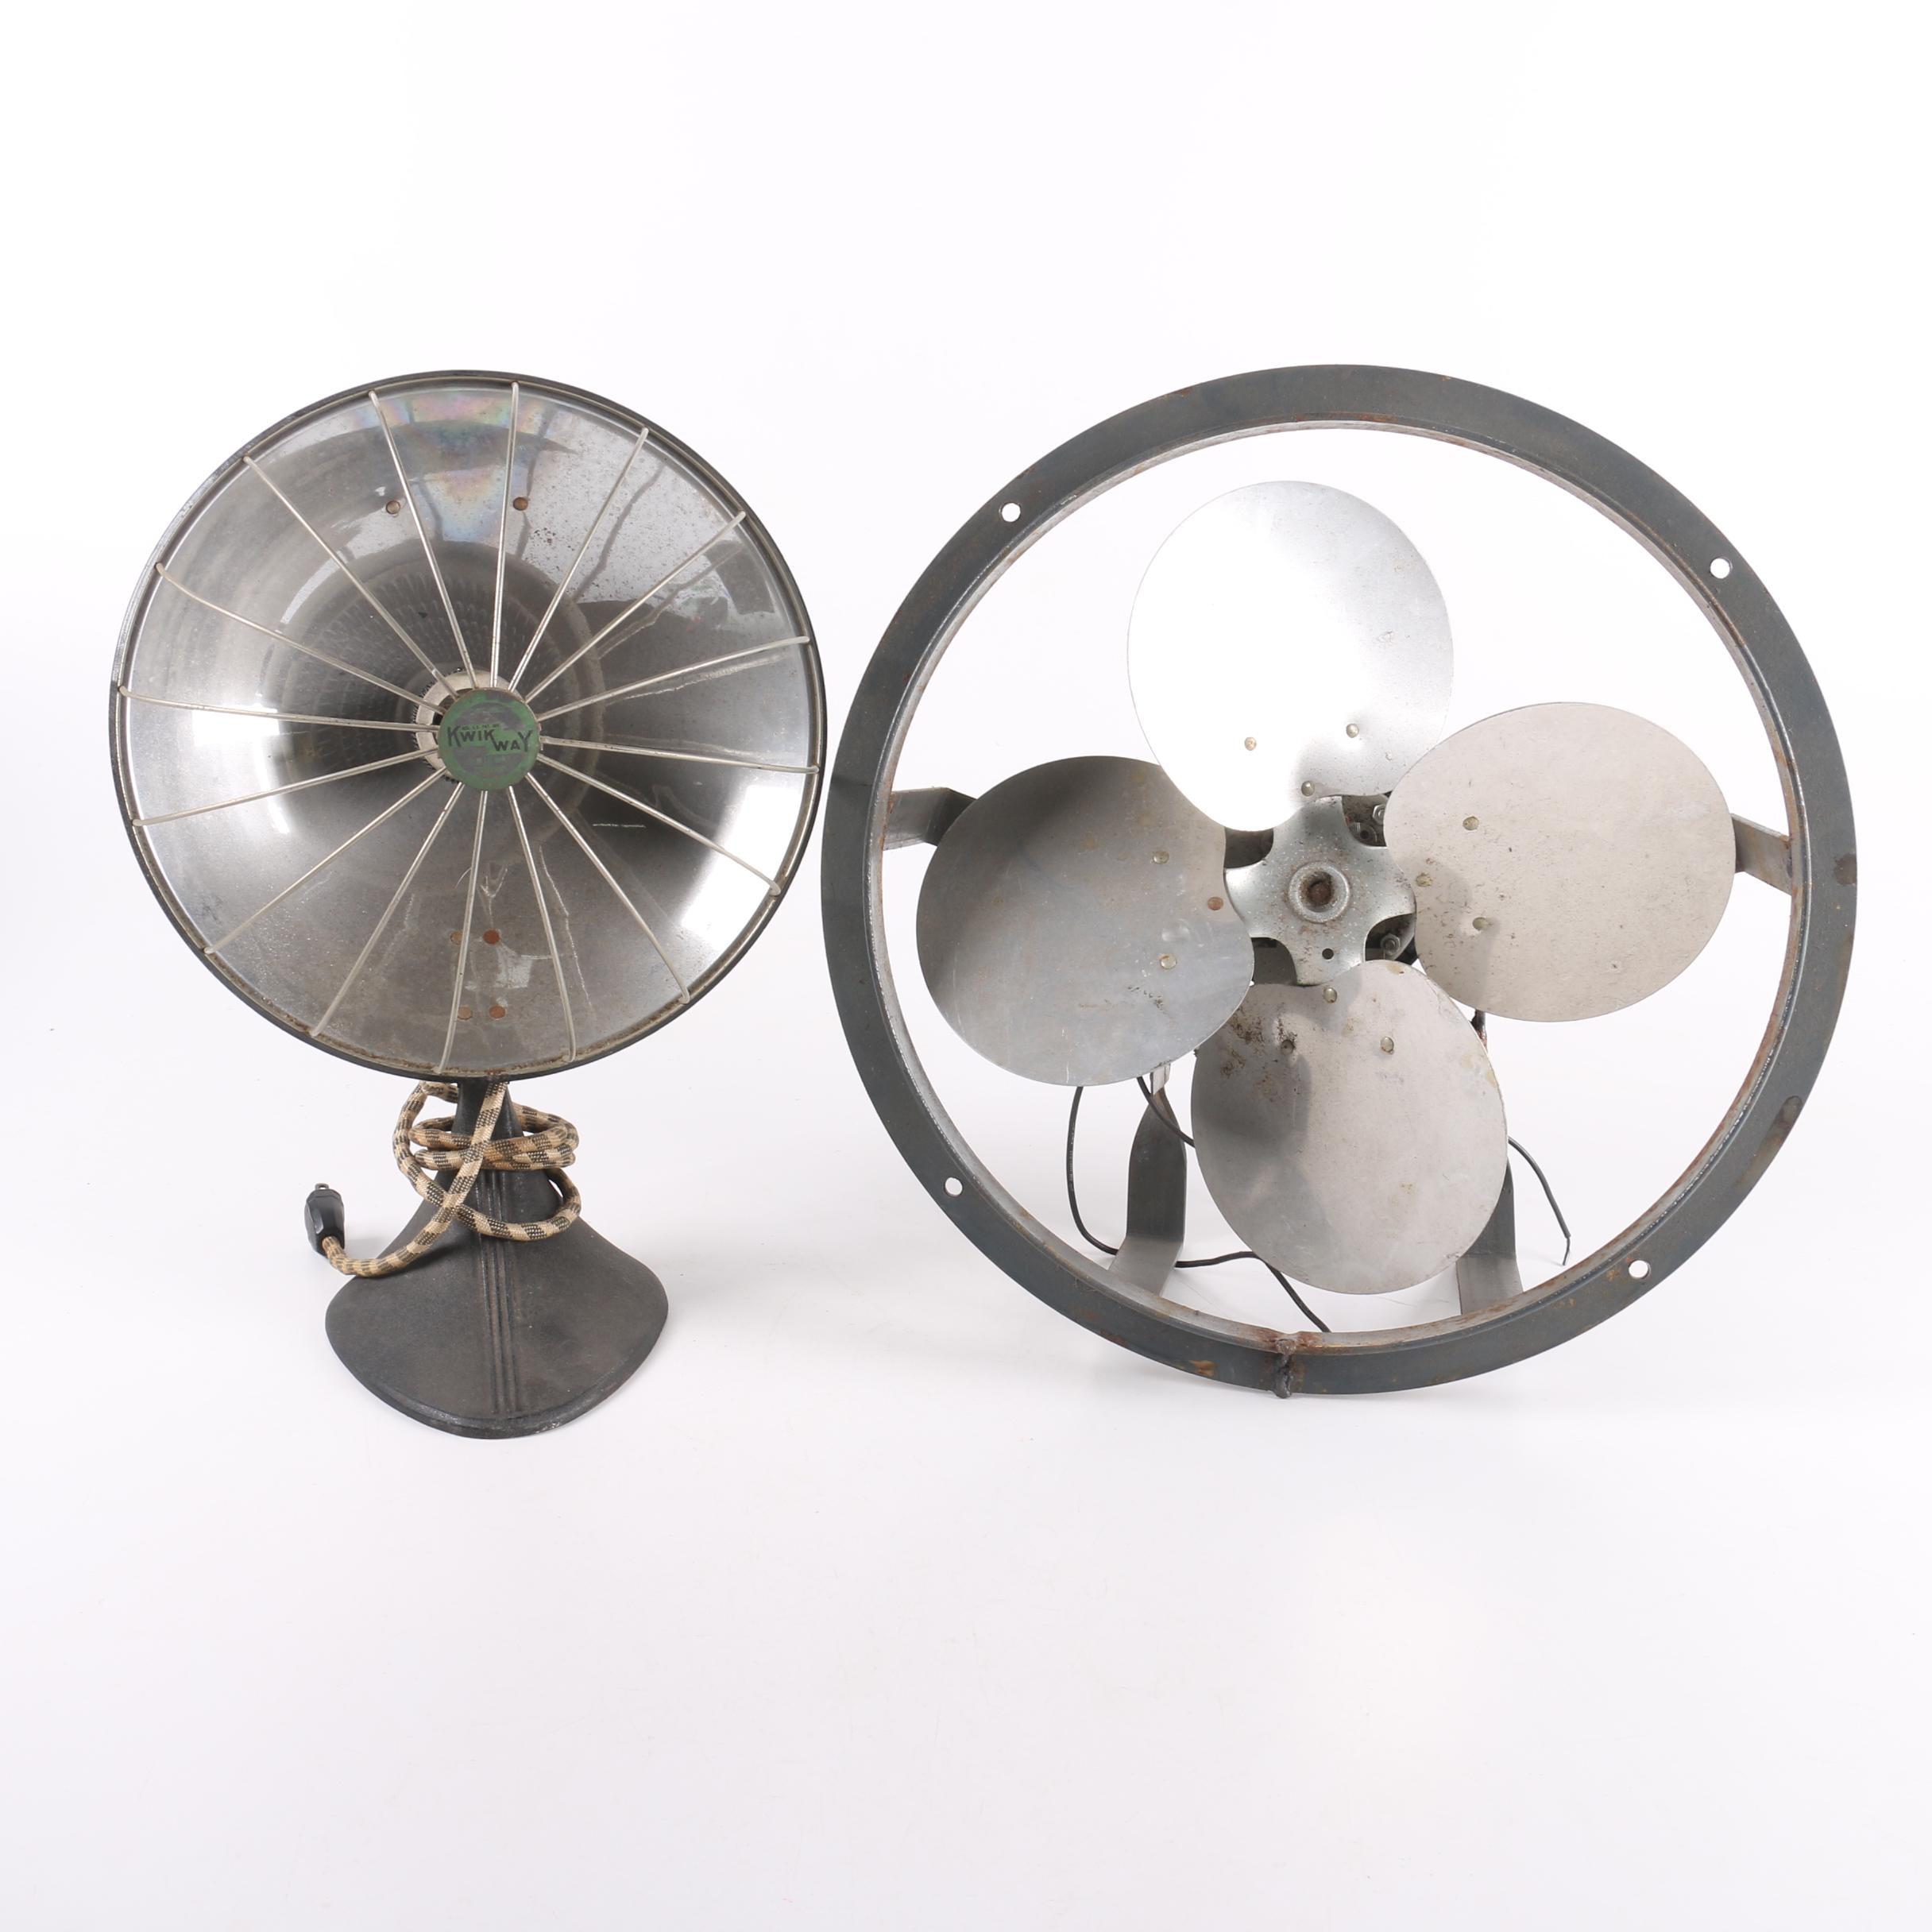 Vintage Dayton Fan And Kwik Way Heater